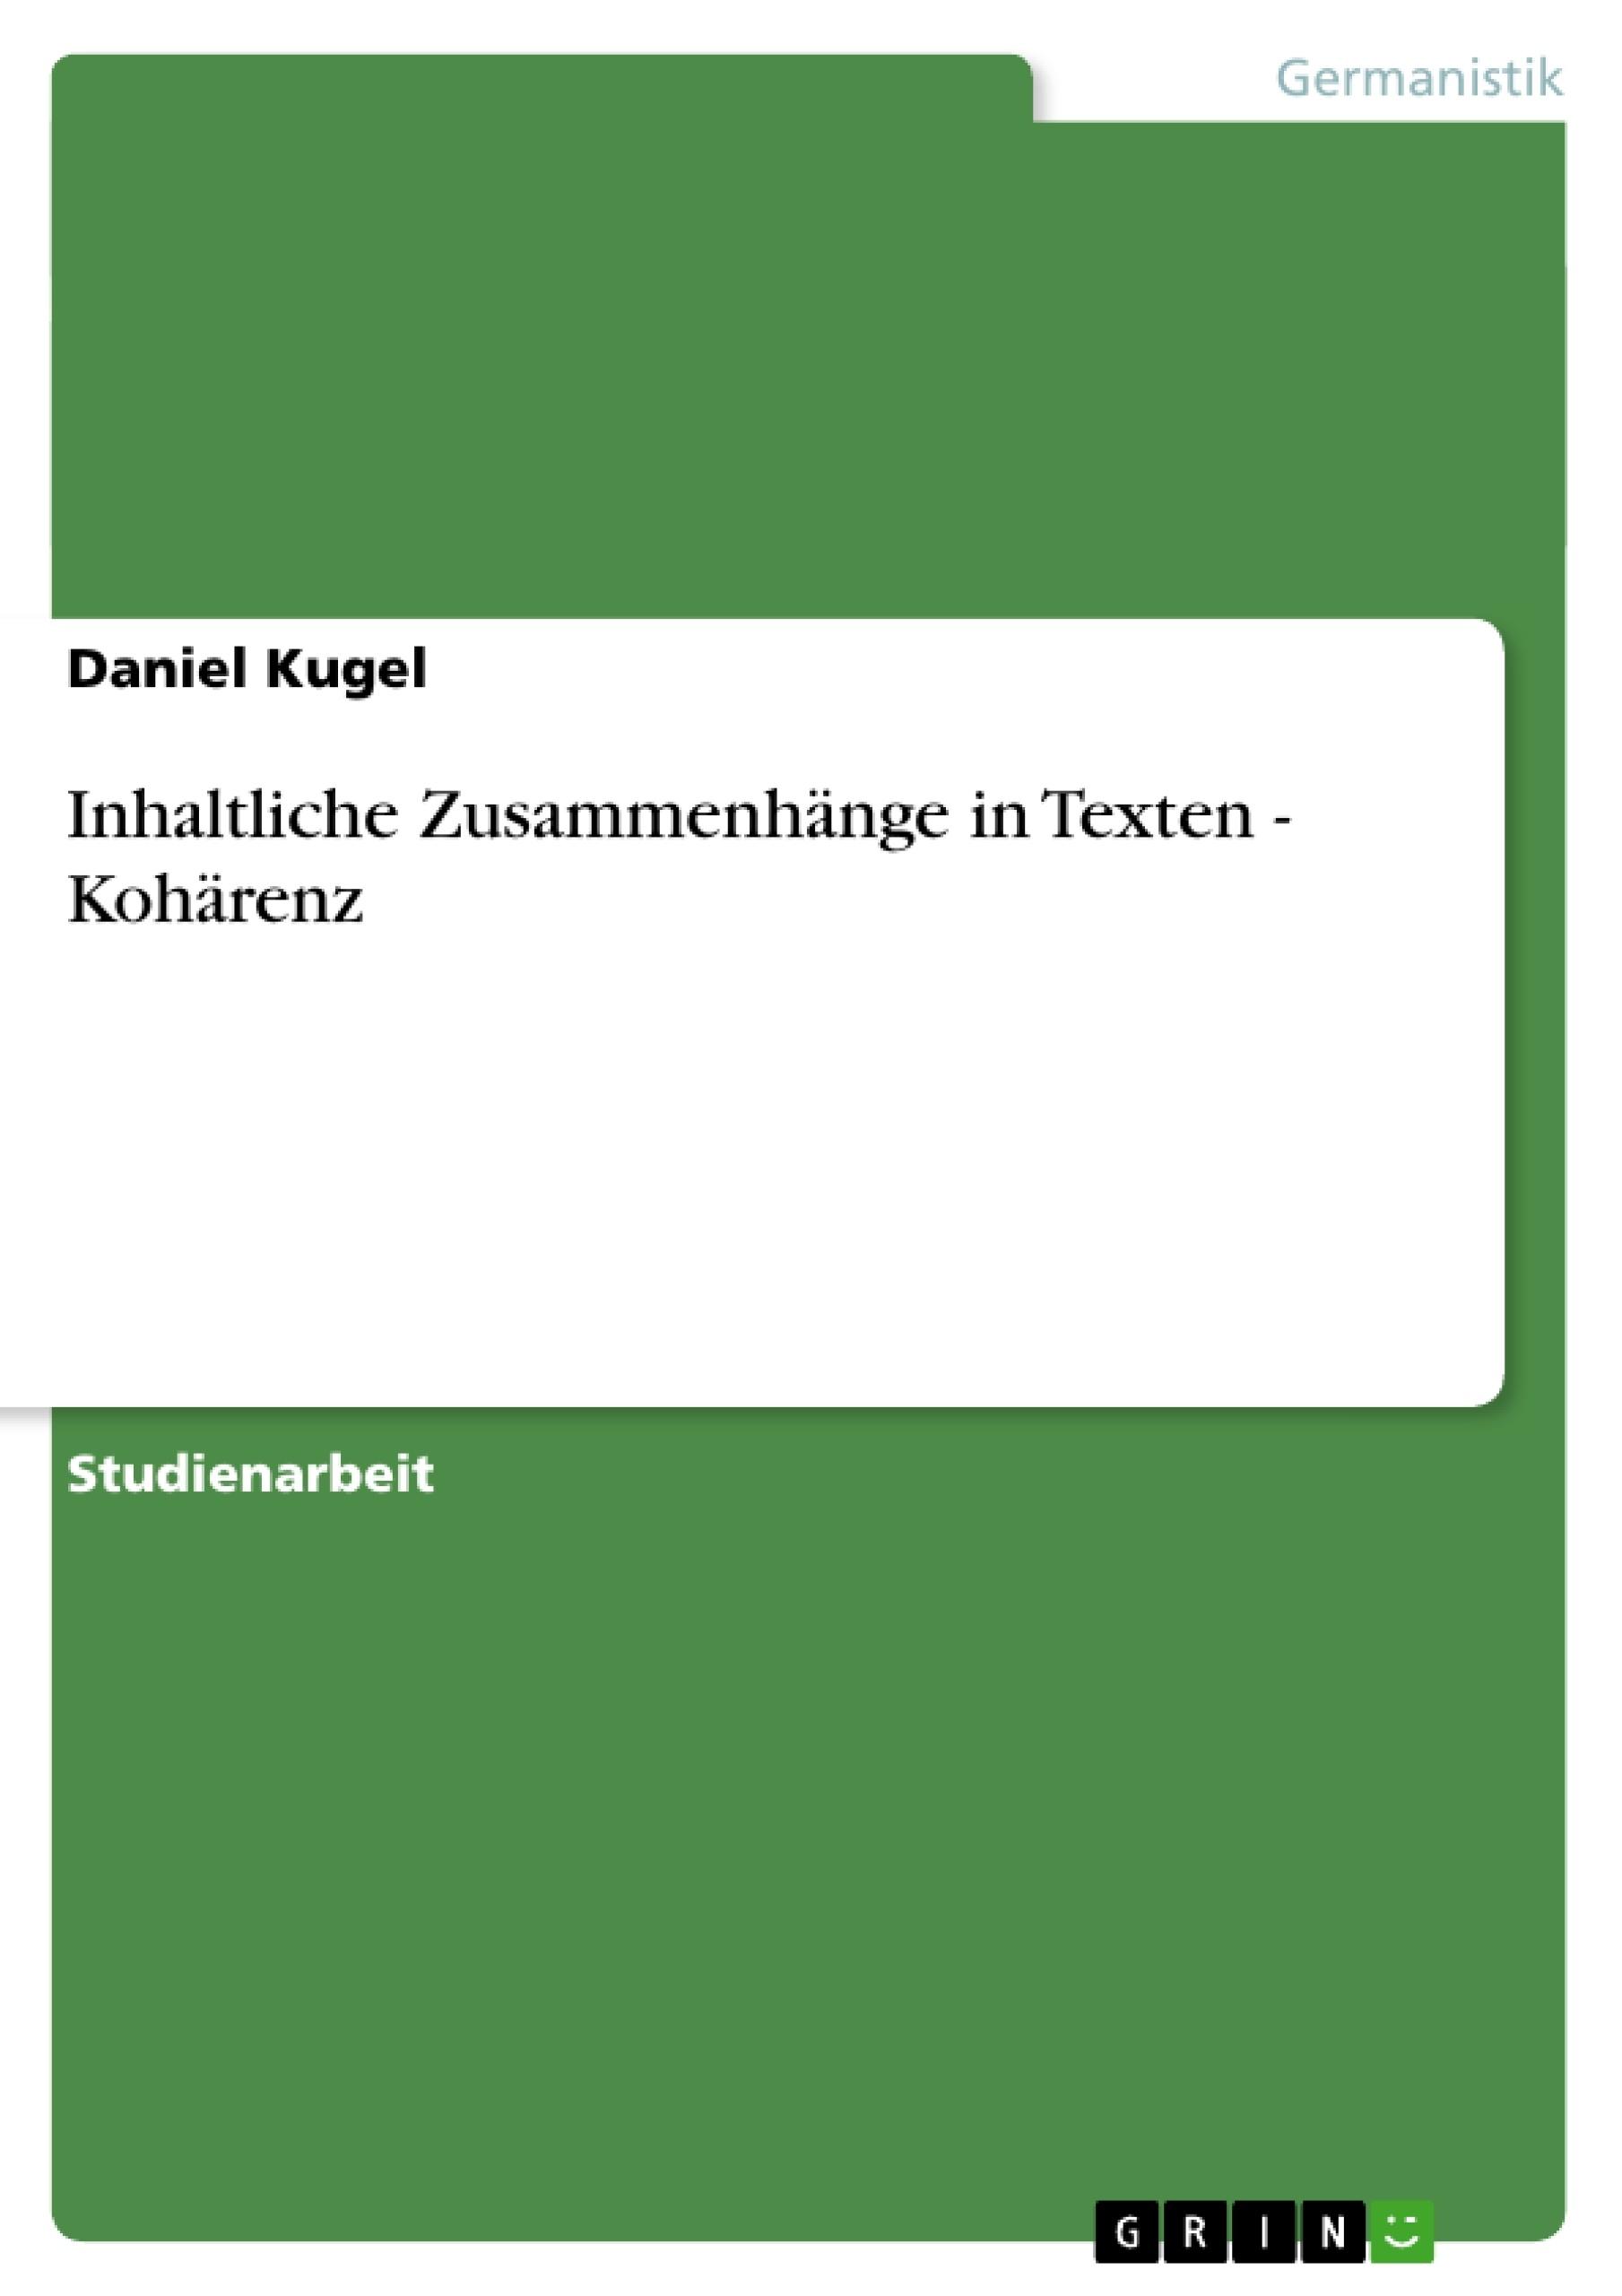 Titel: Inhaltliche Zusammenhänge in Texten - Kohärenz